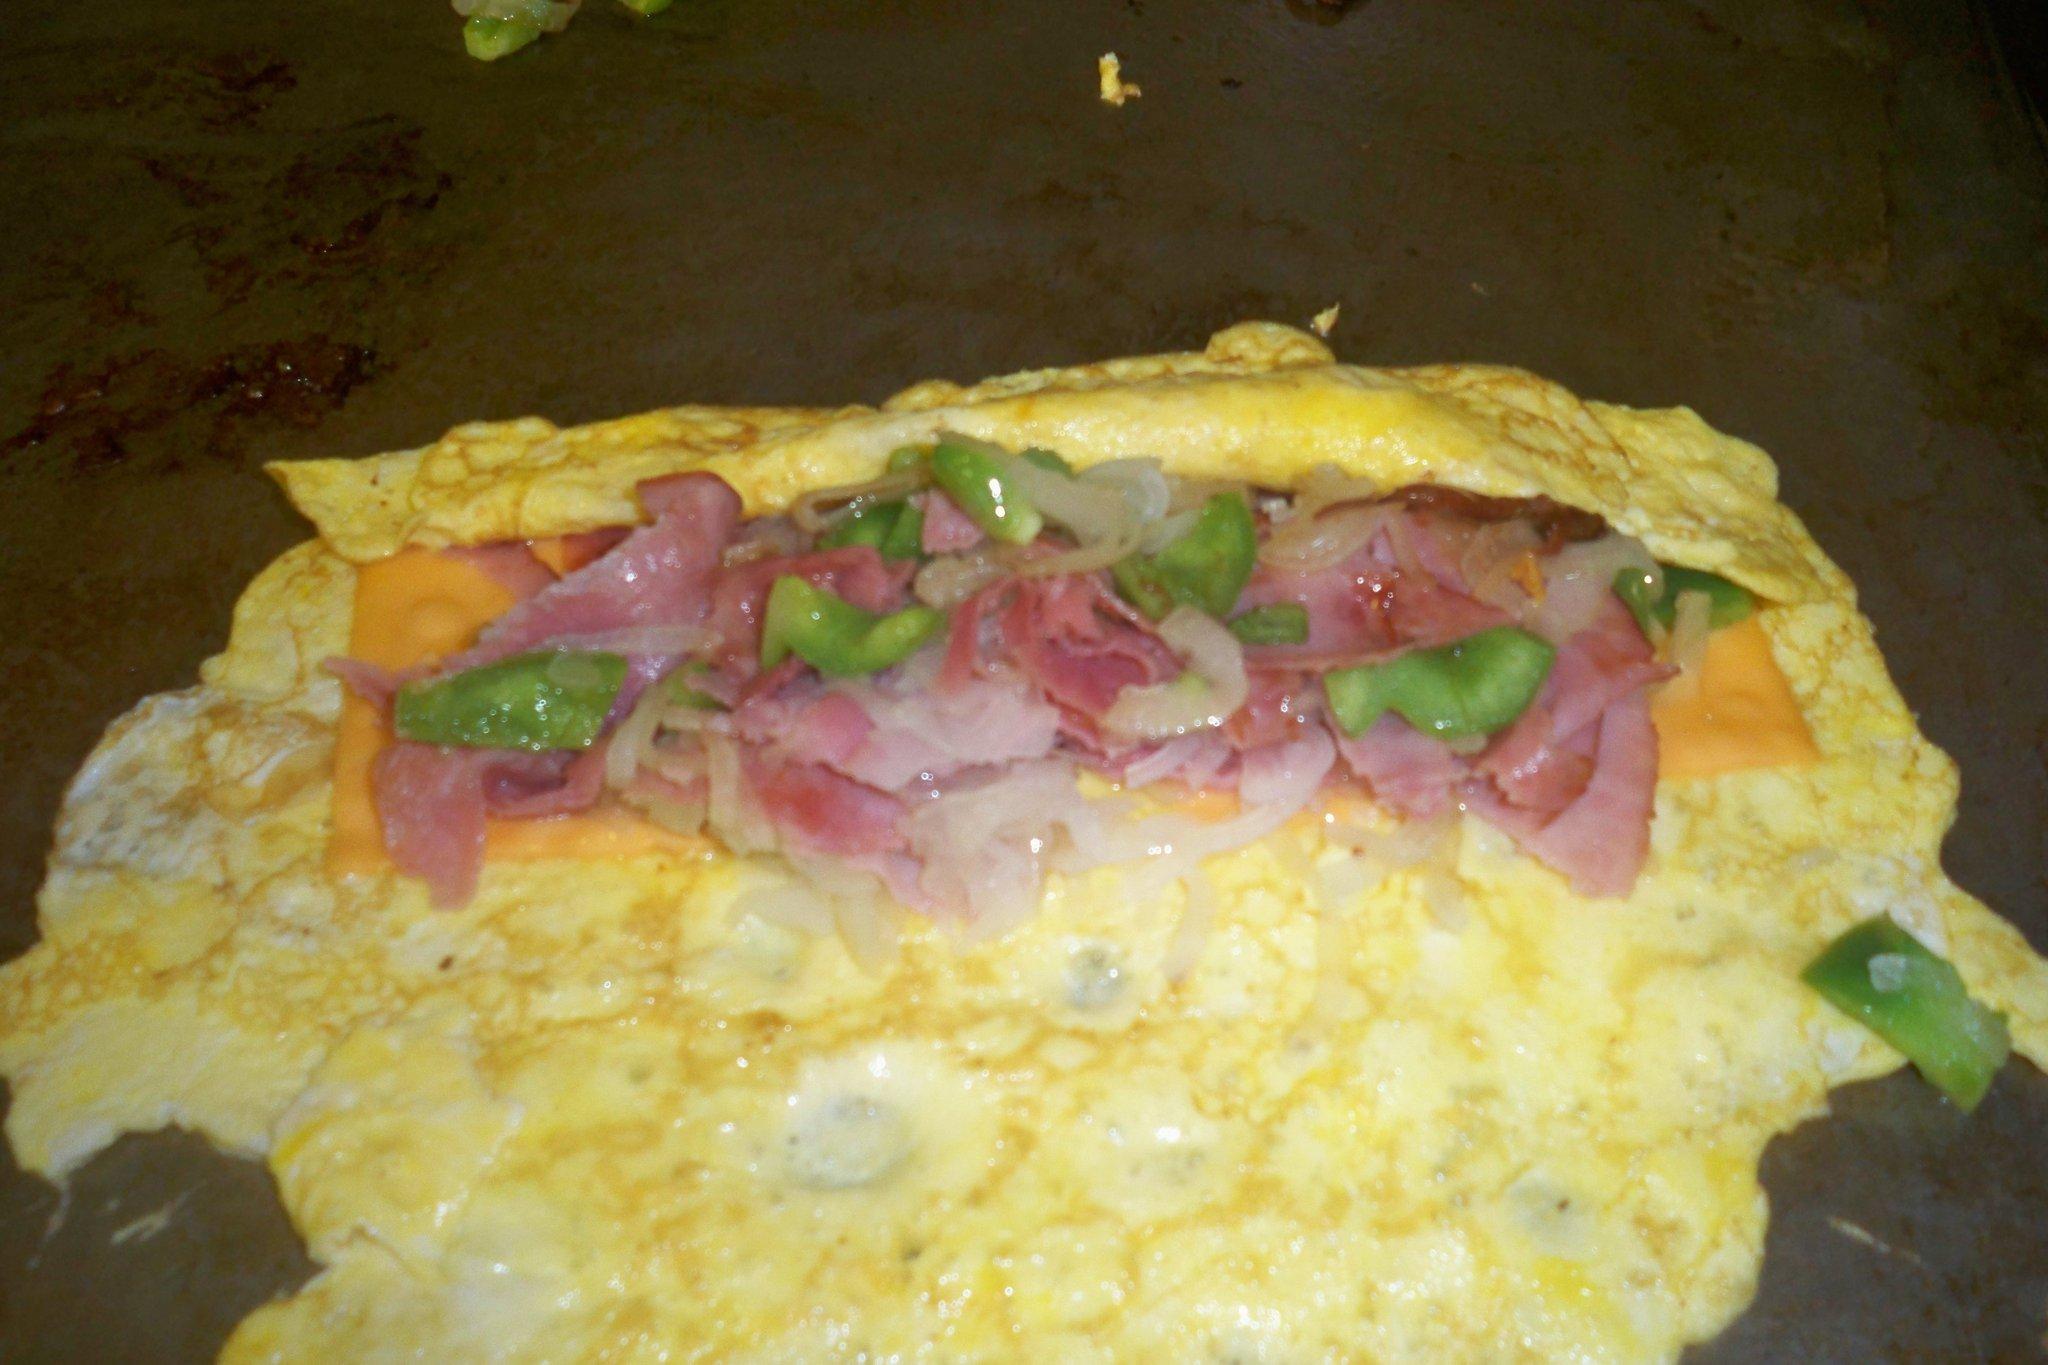 Westerm Omelette.jpg